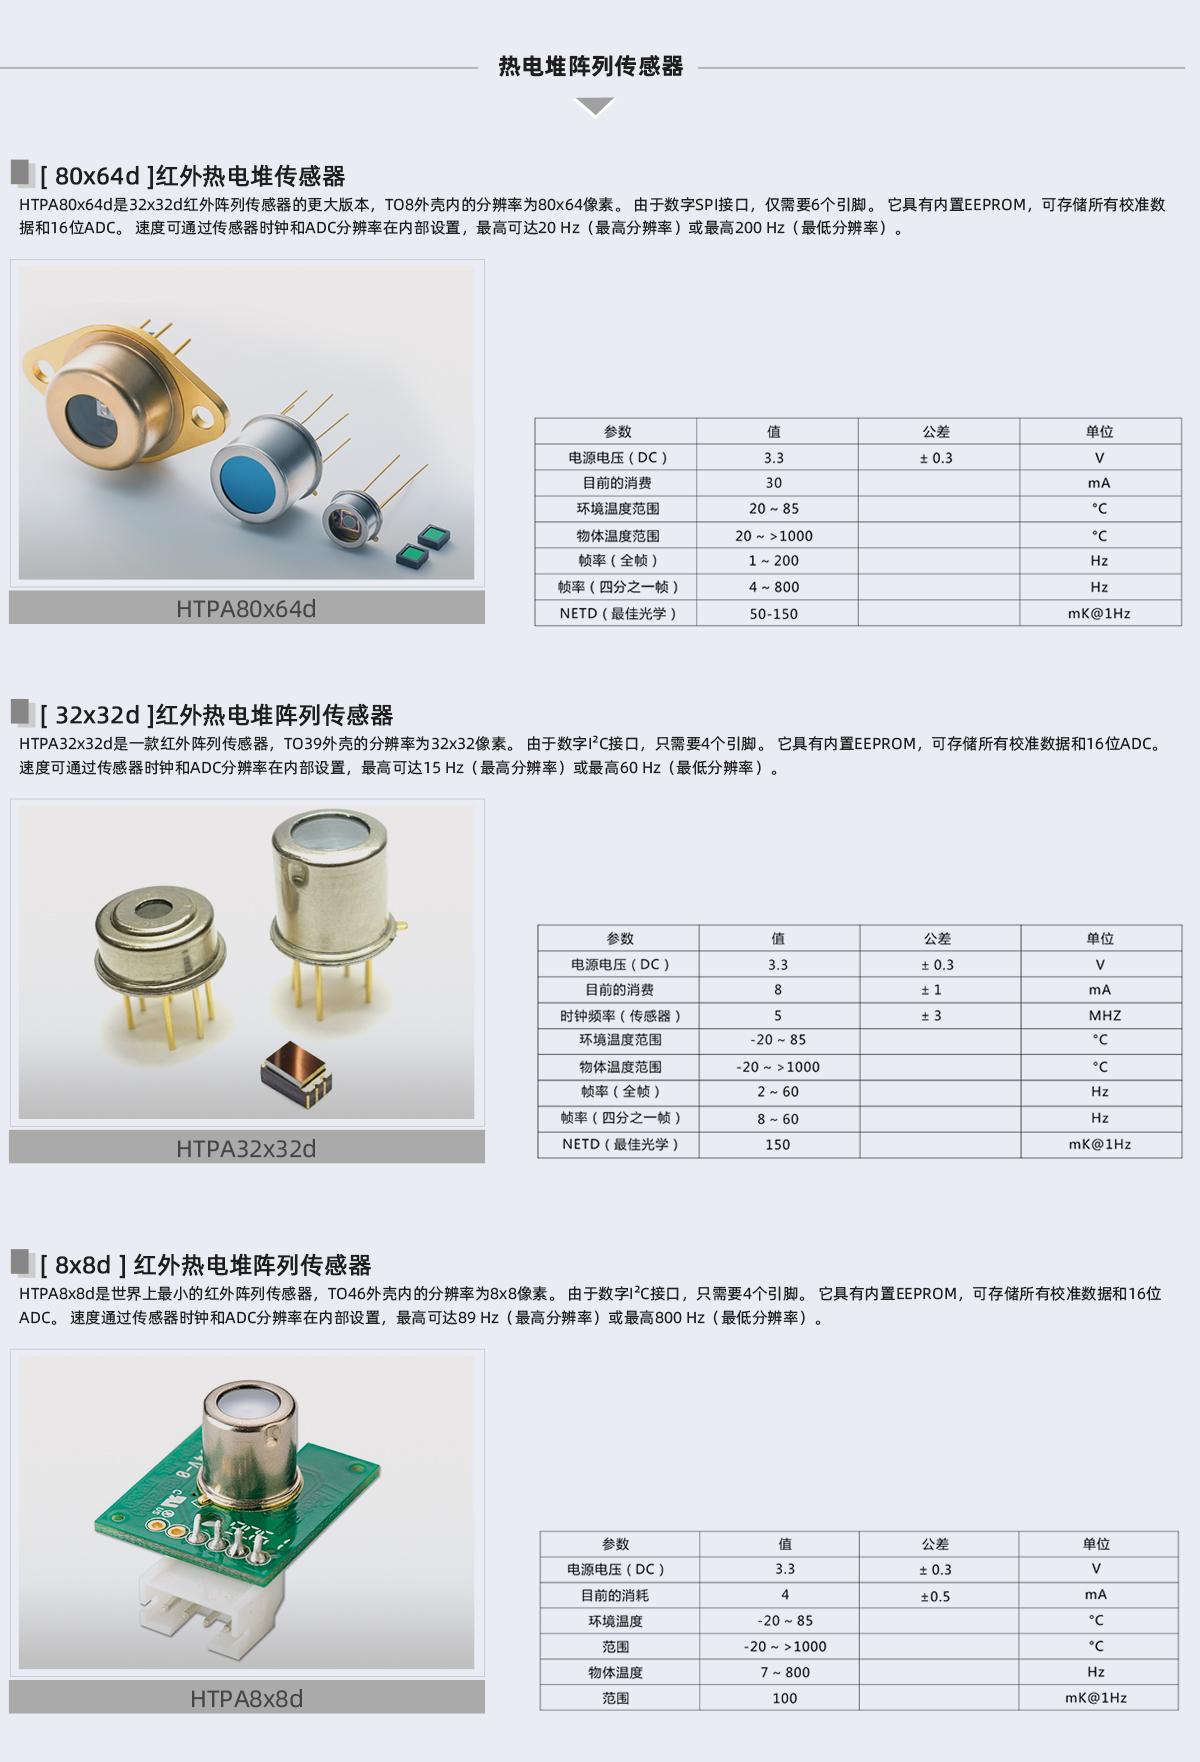 元器件參數圖_03-熱電堆陣列傳感器.jpg